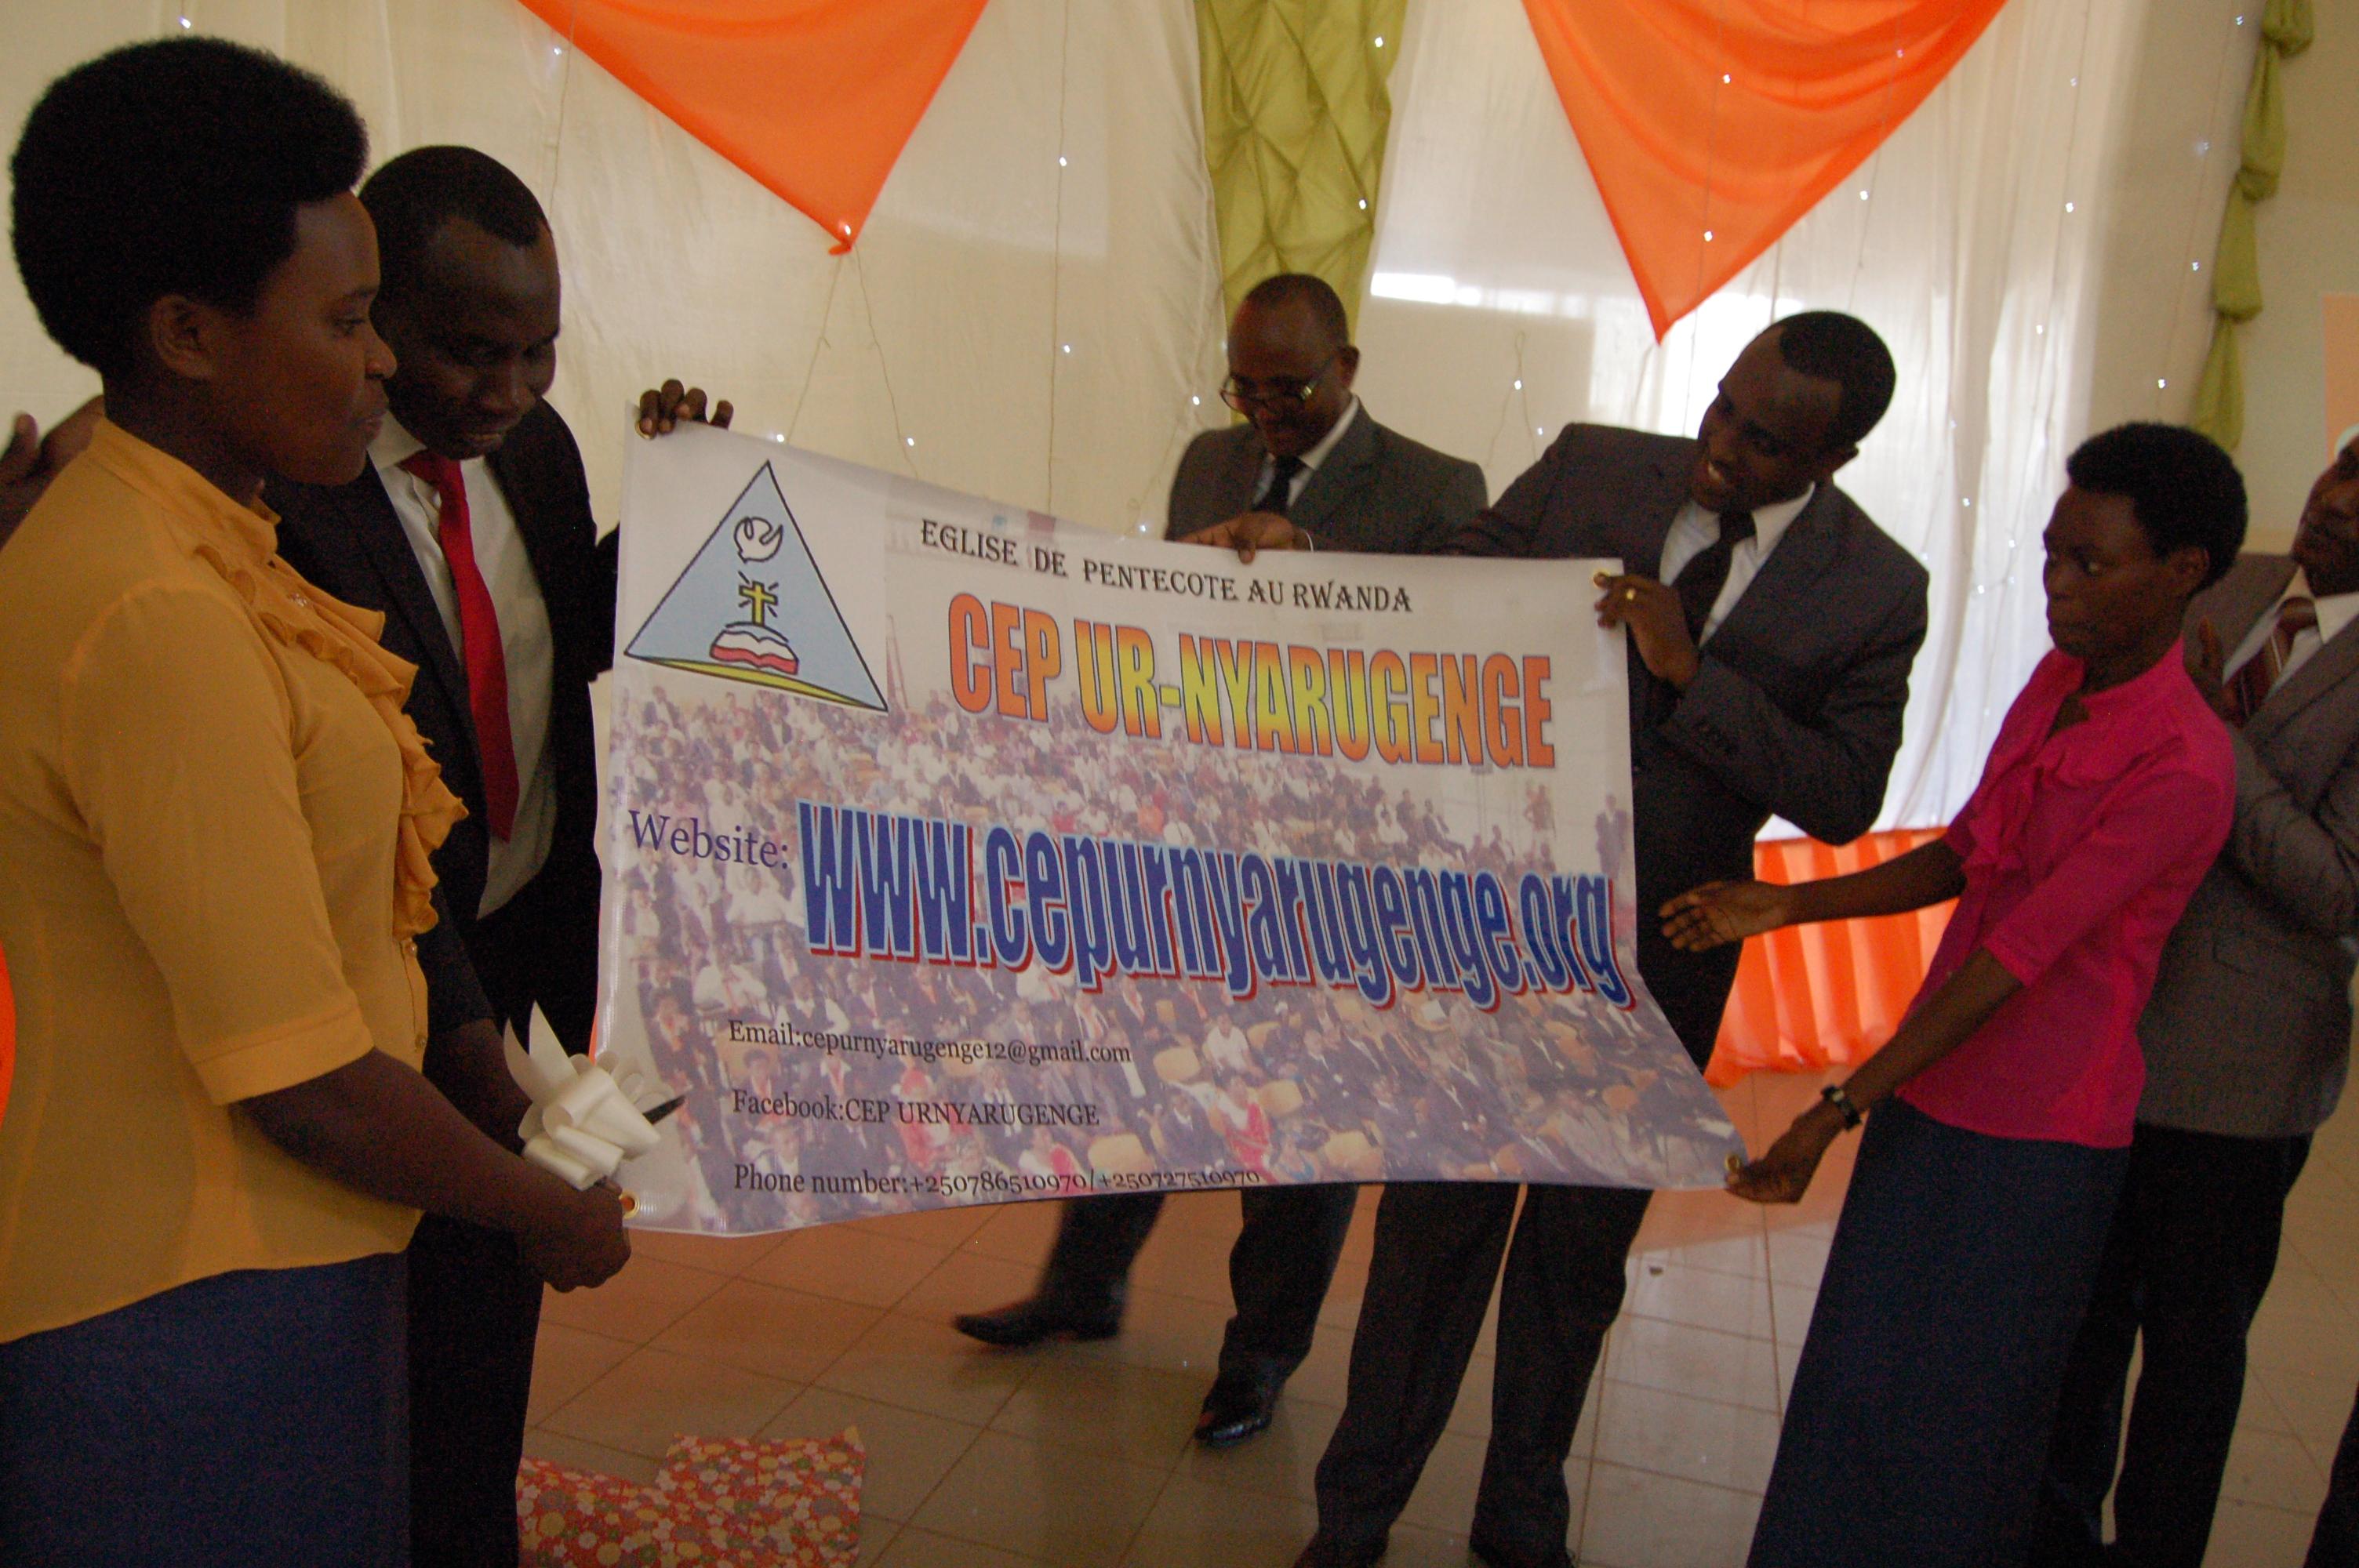 CEP UR Nyarugenge Handover + Launch of new status + Welfare Ceremonies